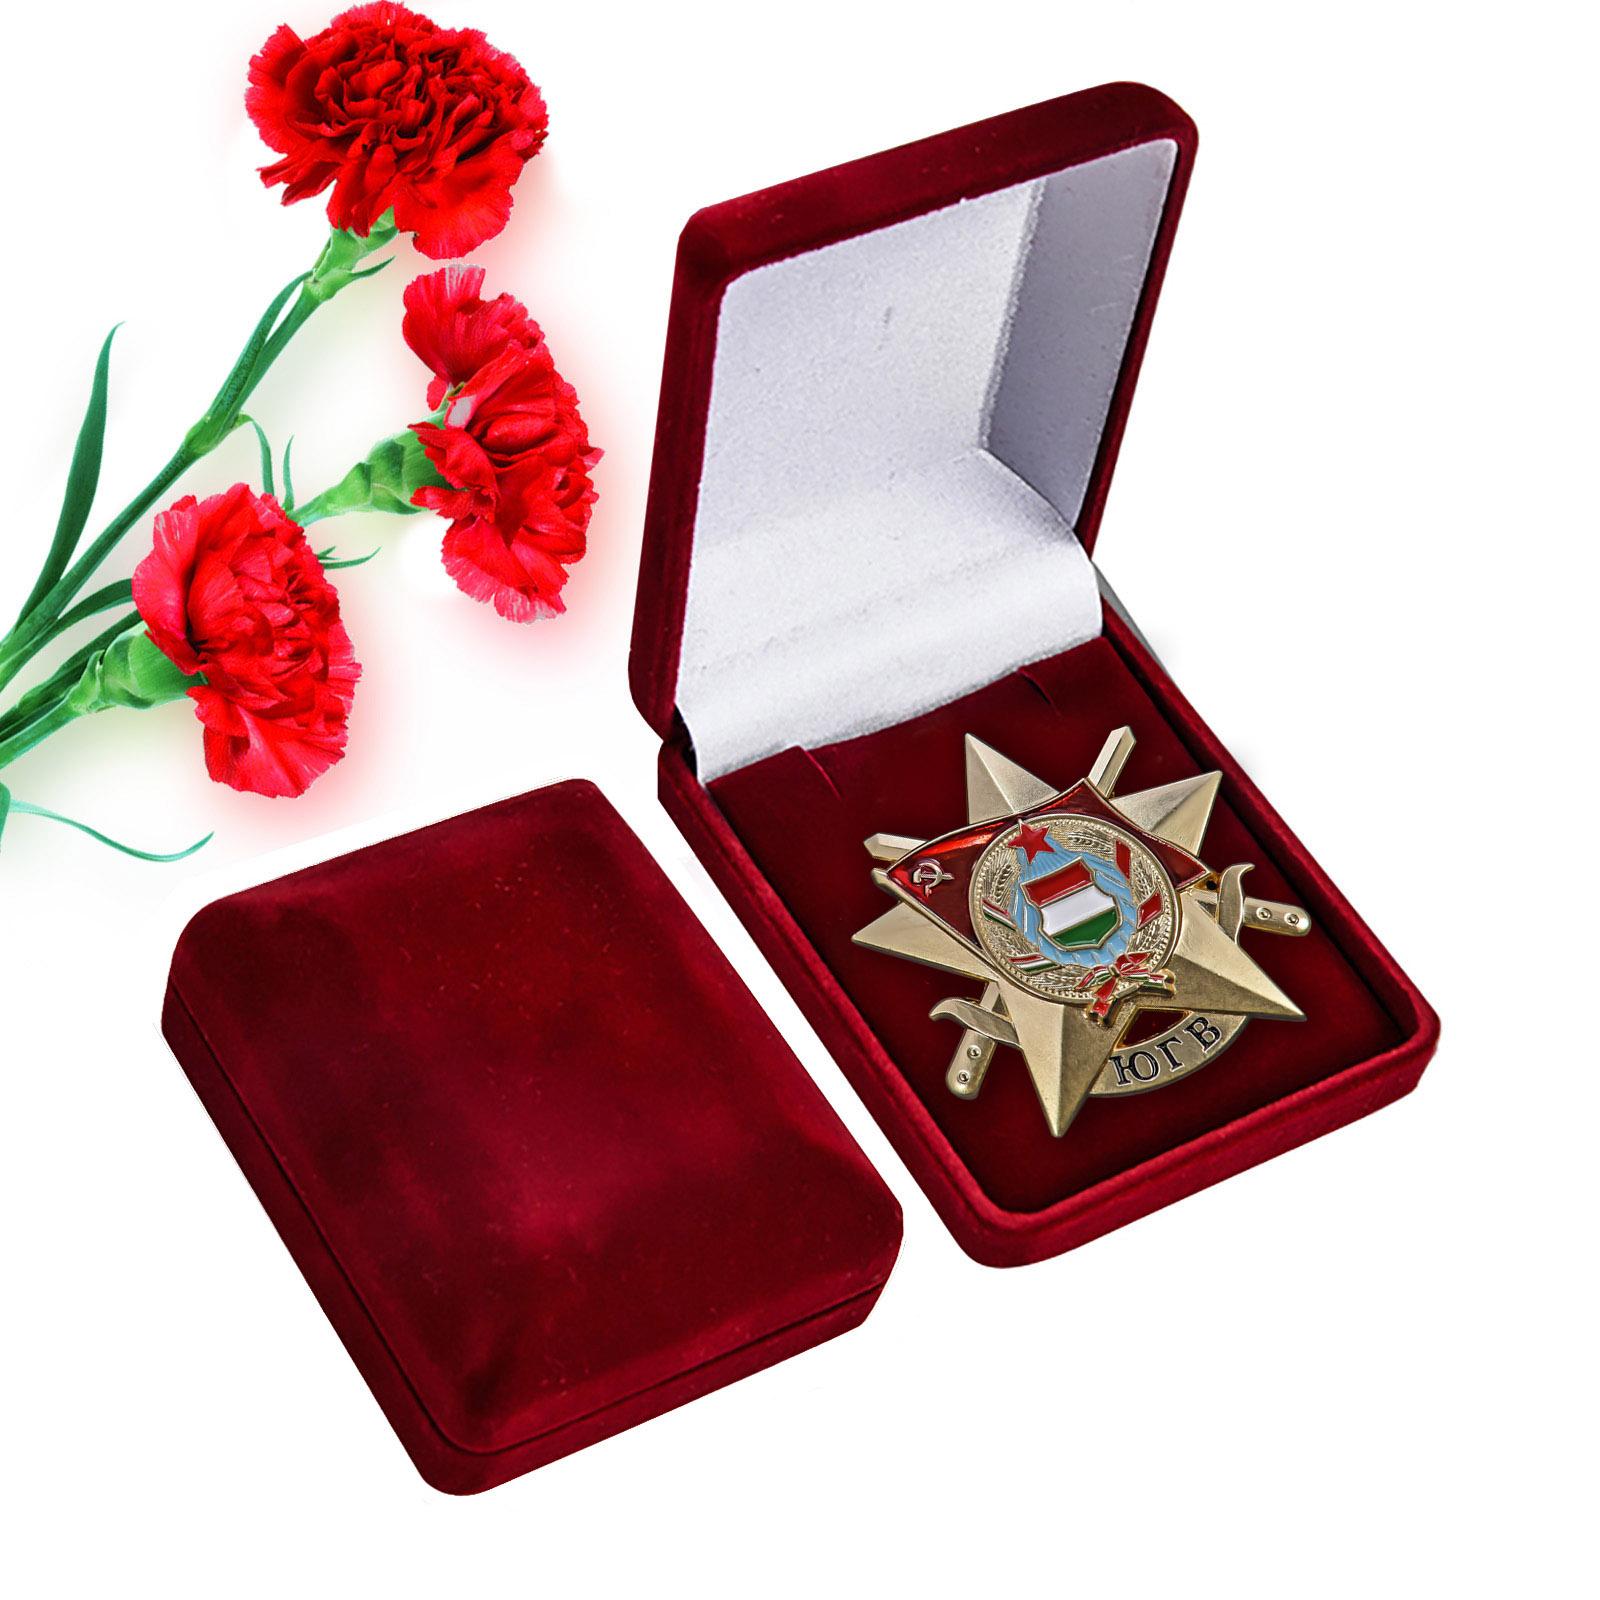 Купить звезду ЮГВ Венгрия с доставкой в ваш город